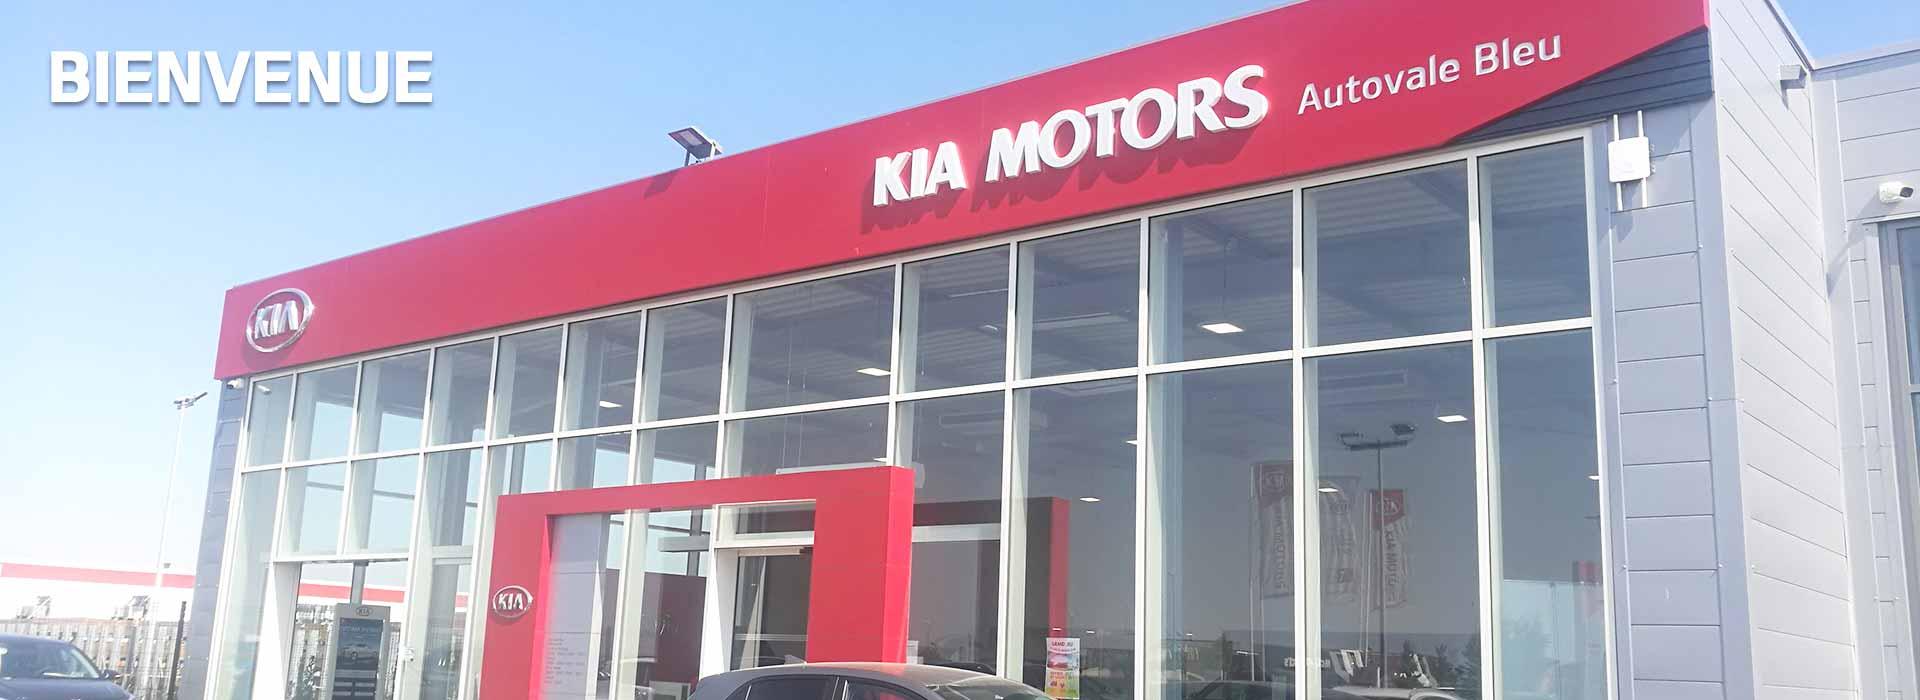 Kia arras concessionnaire garage pas de calais 62 for Max garage calais